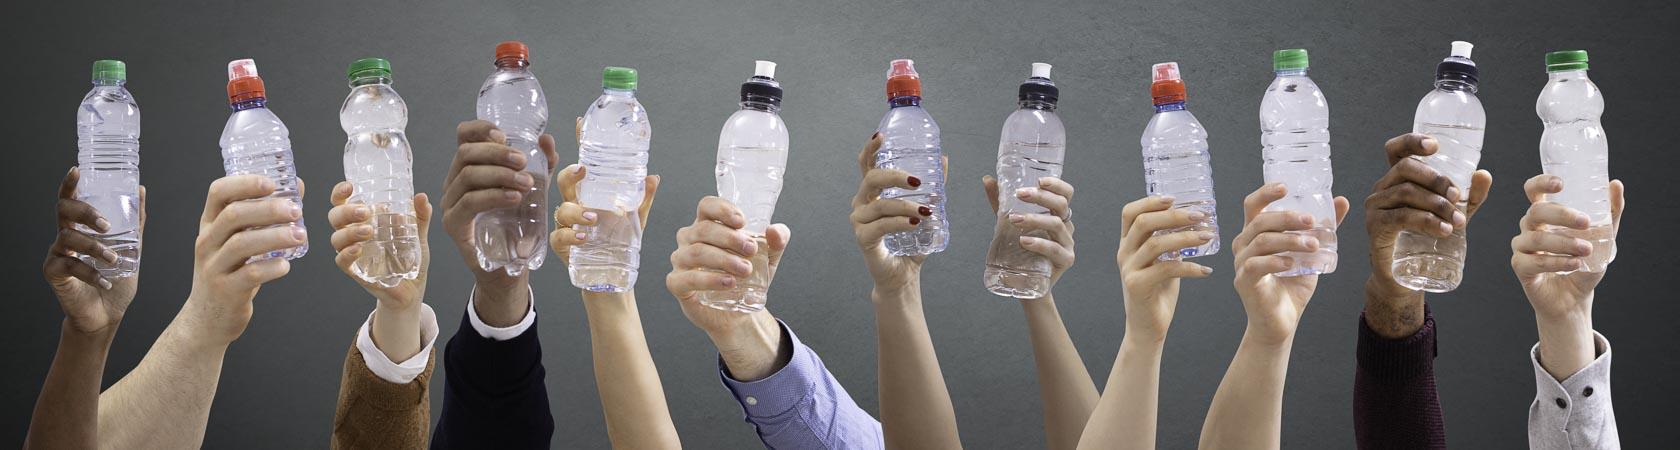 Wasserspender bei Kip